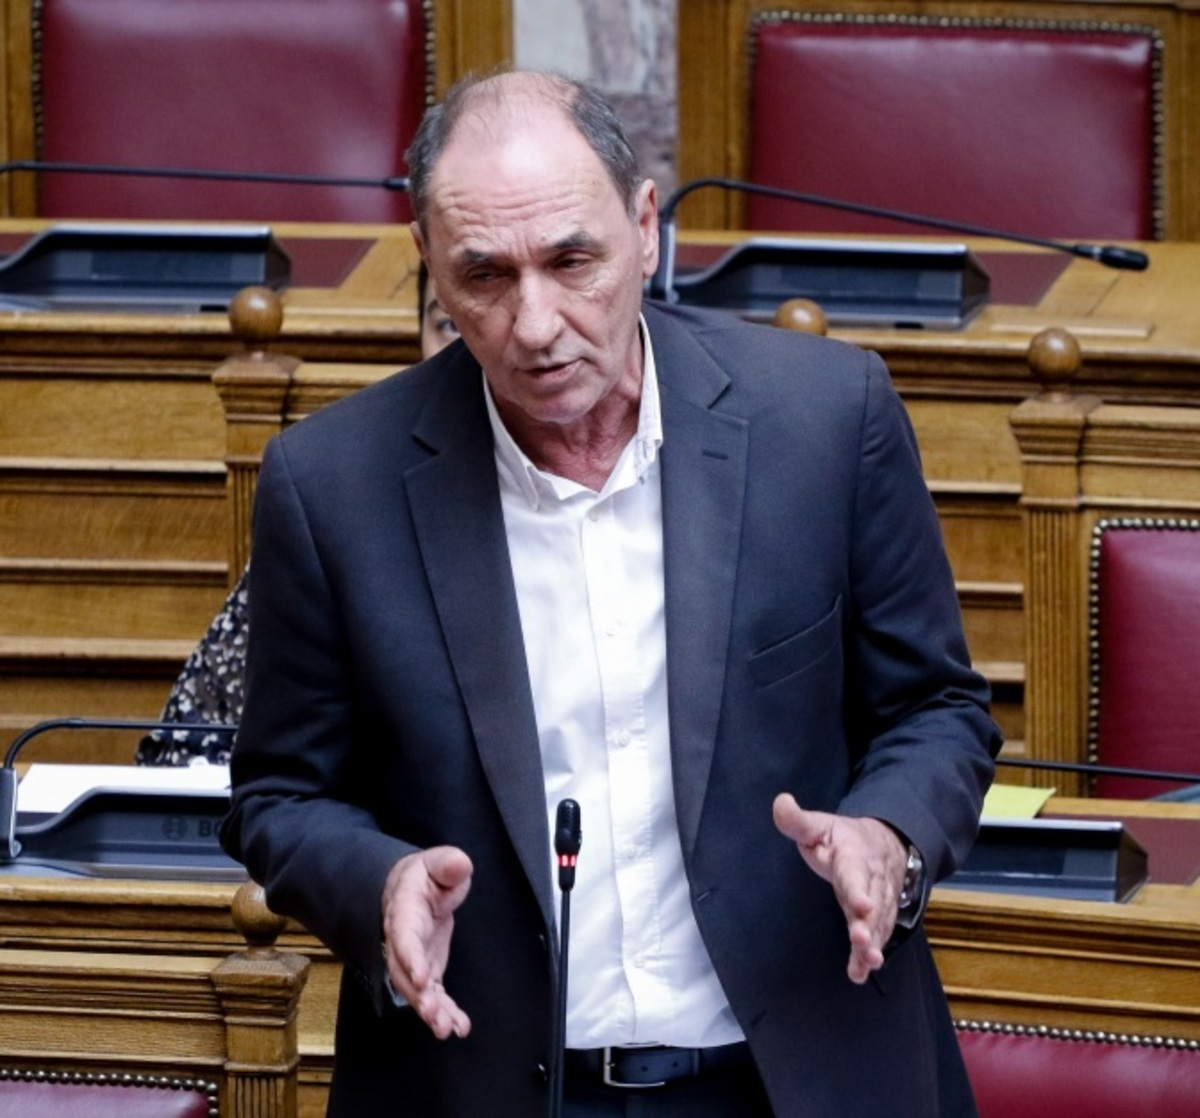 Ρόδος – Σταθάκης: Ευελπιστεί για σύντομη αποκατάσταση της ηλεκτροδότησης | Newsit.gr